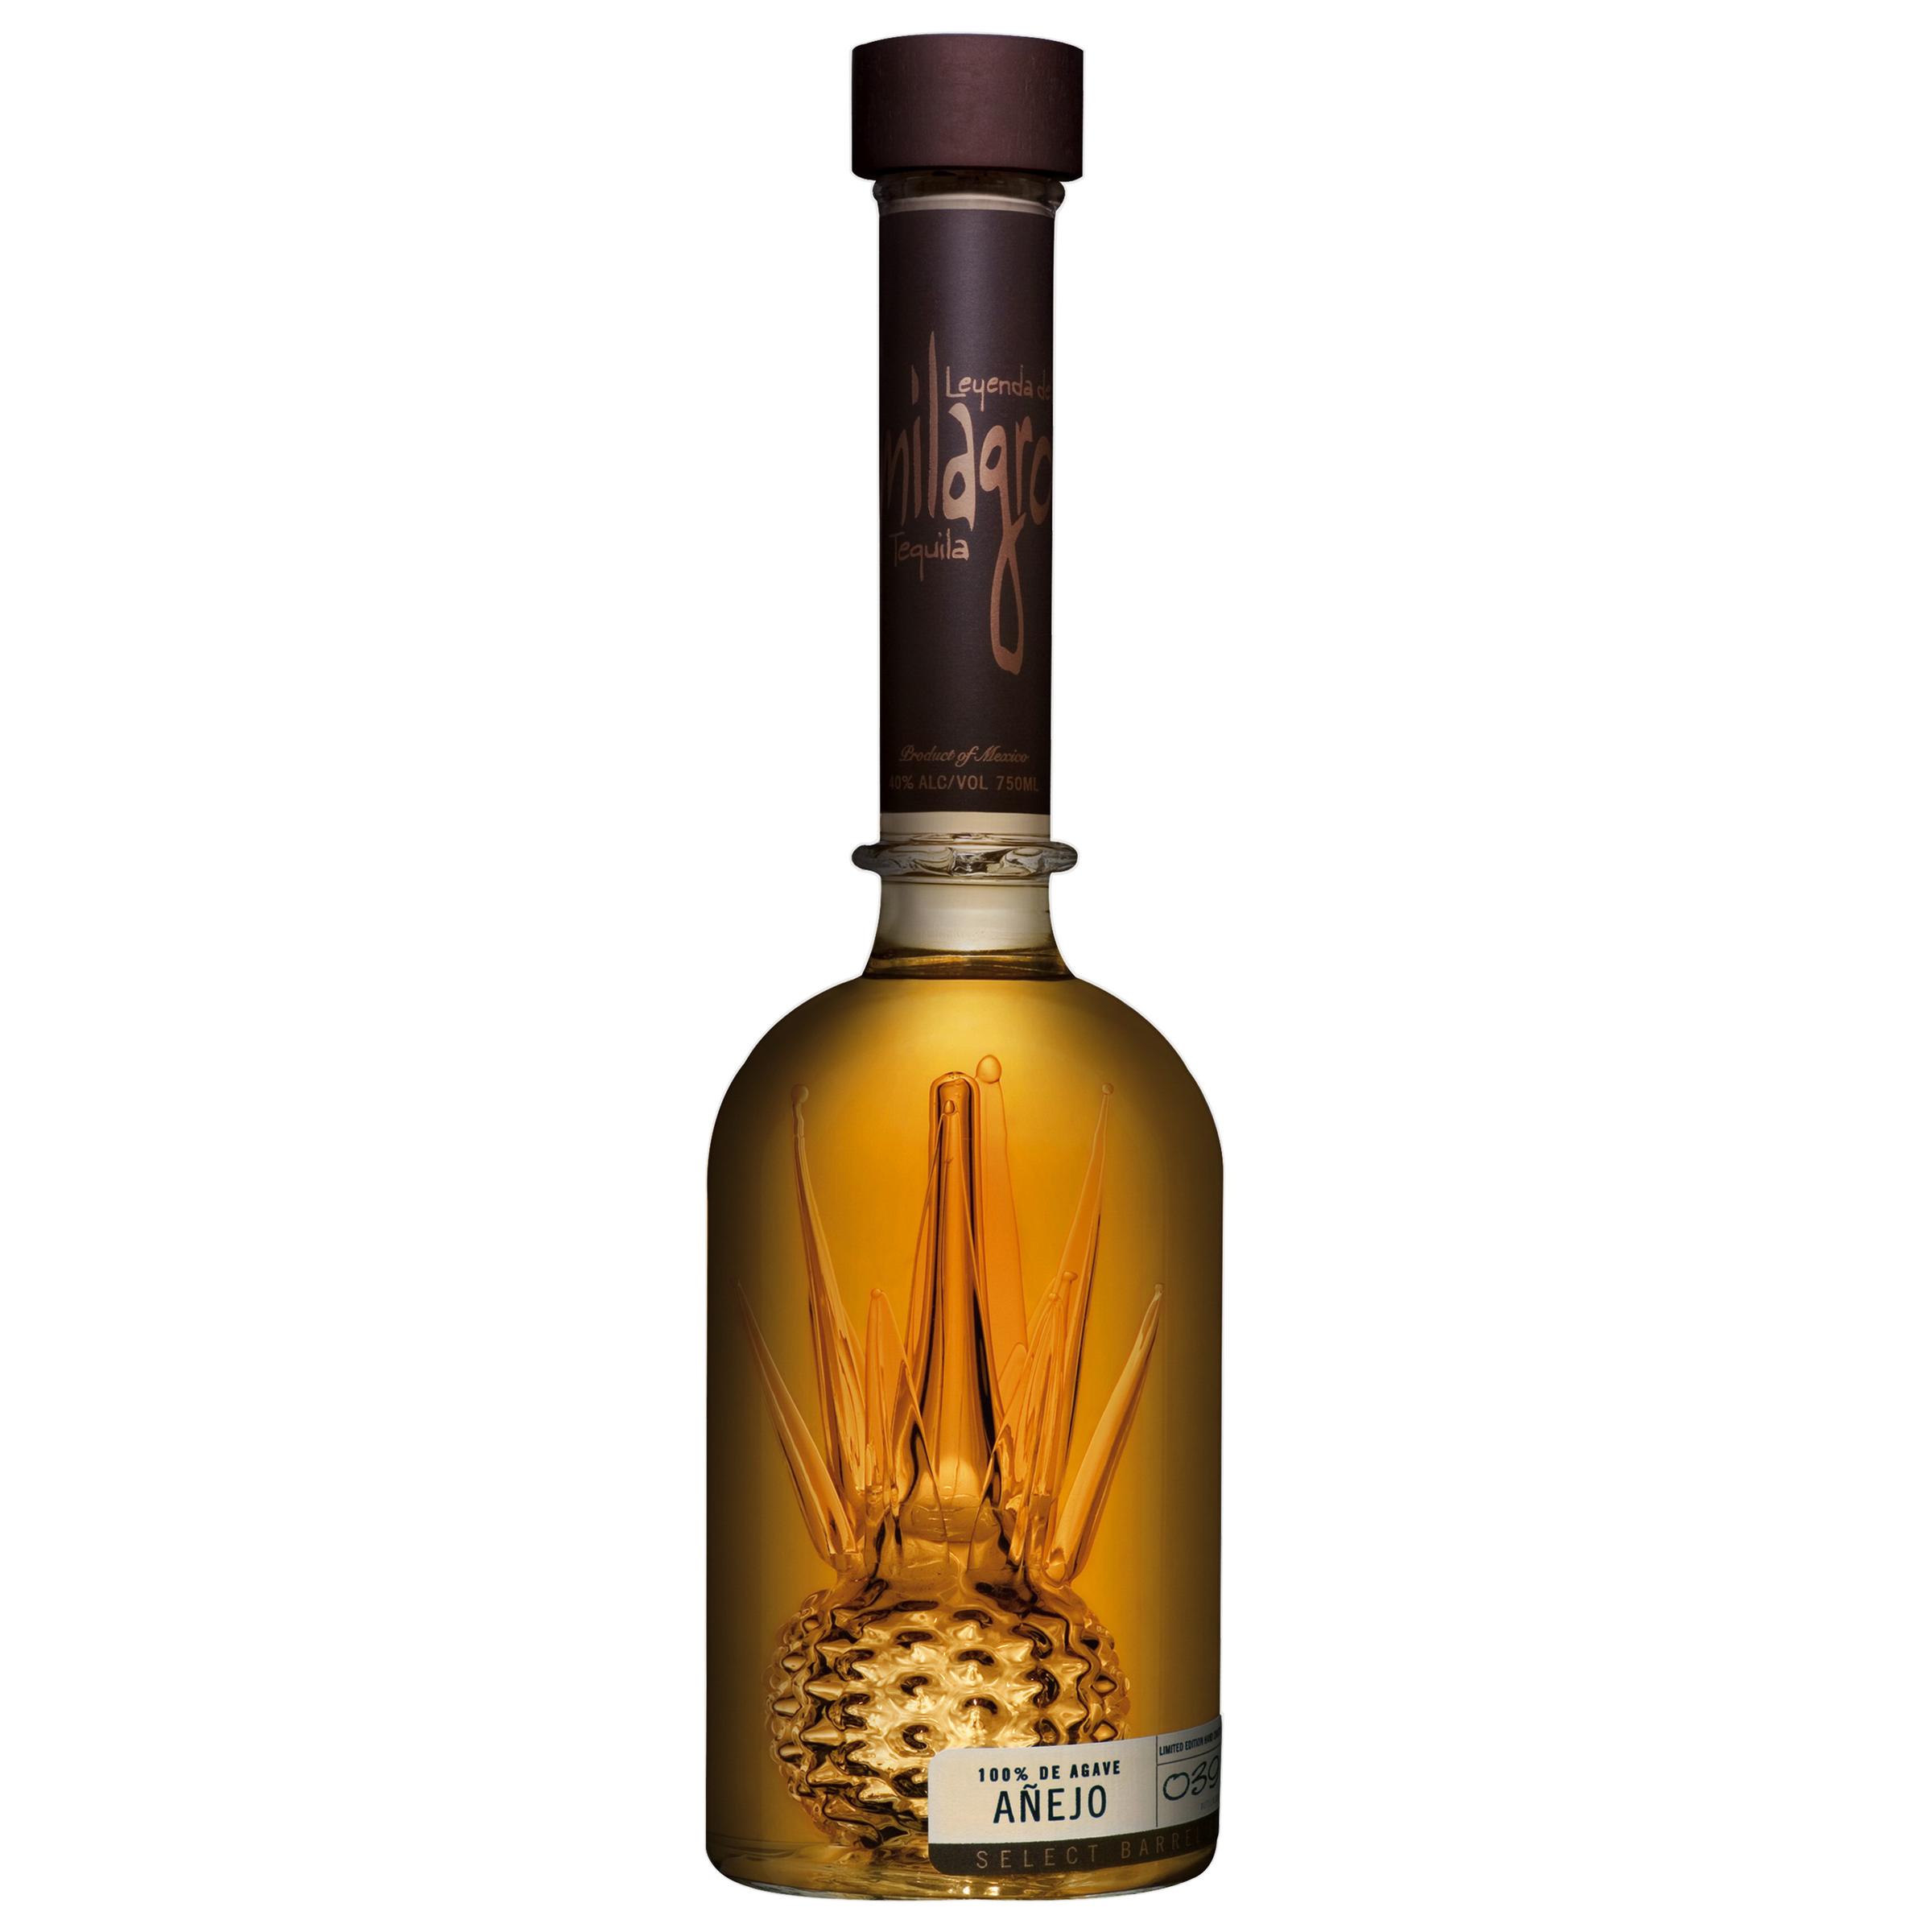 Белая текила: описание напитка и с чем пьют